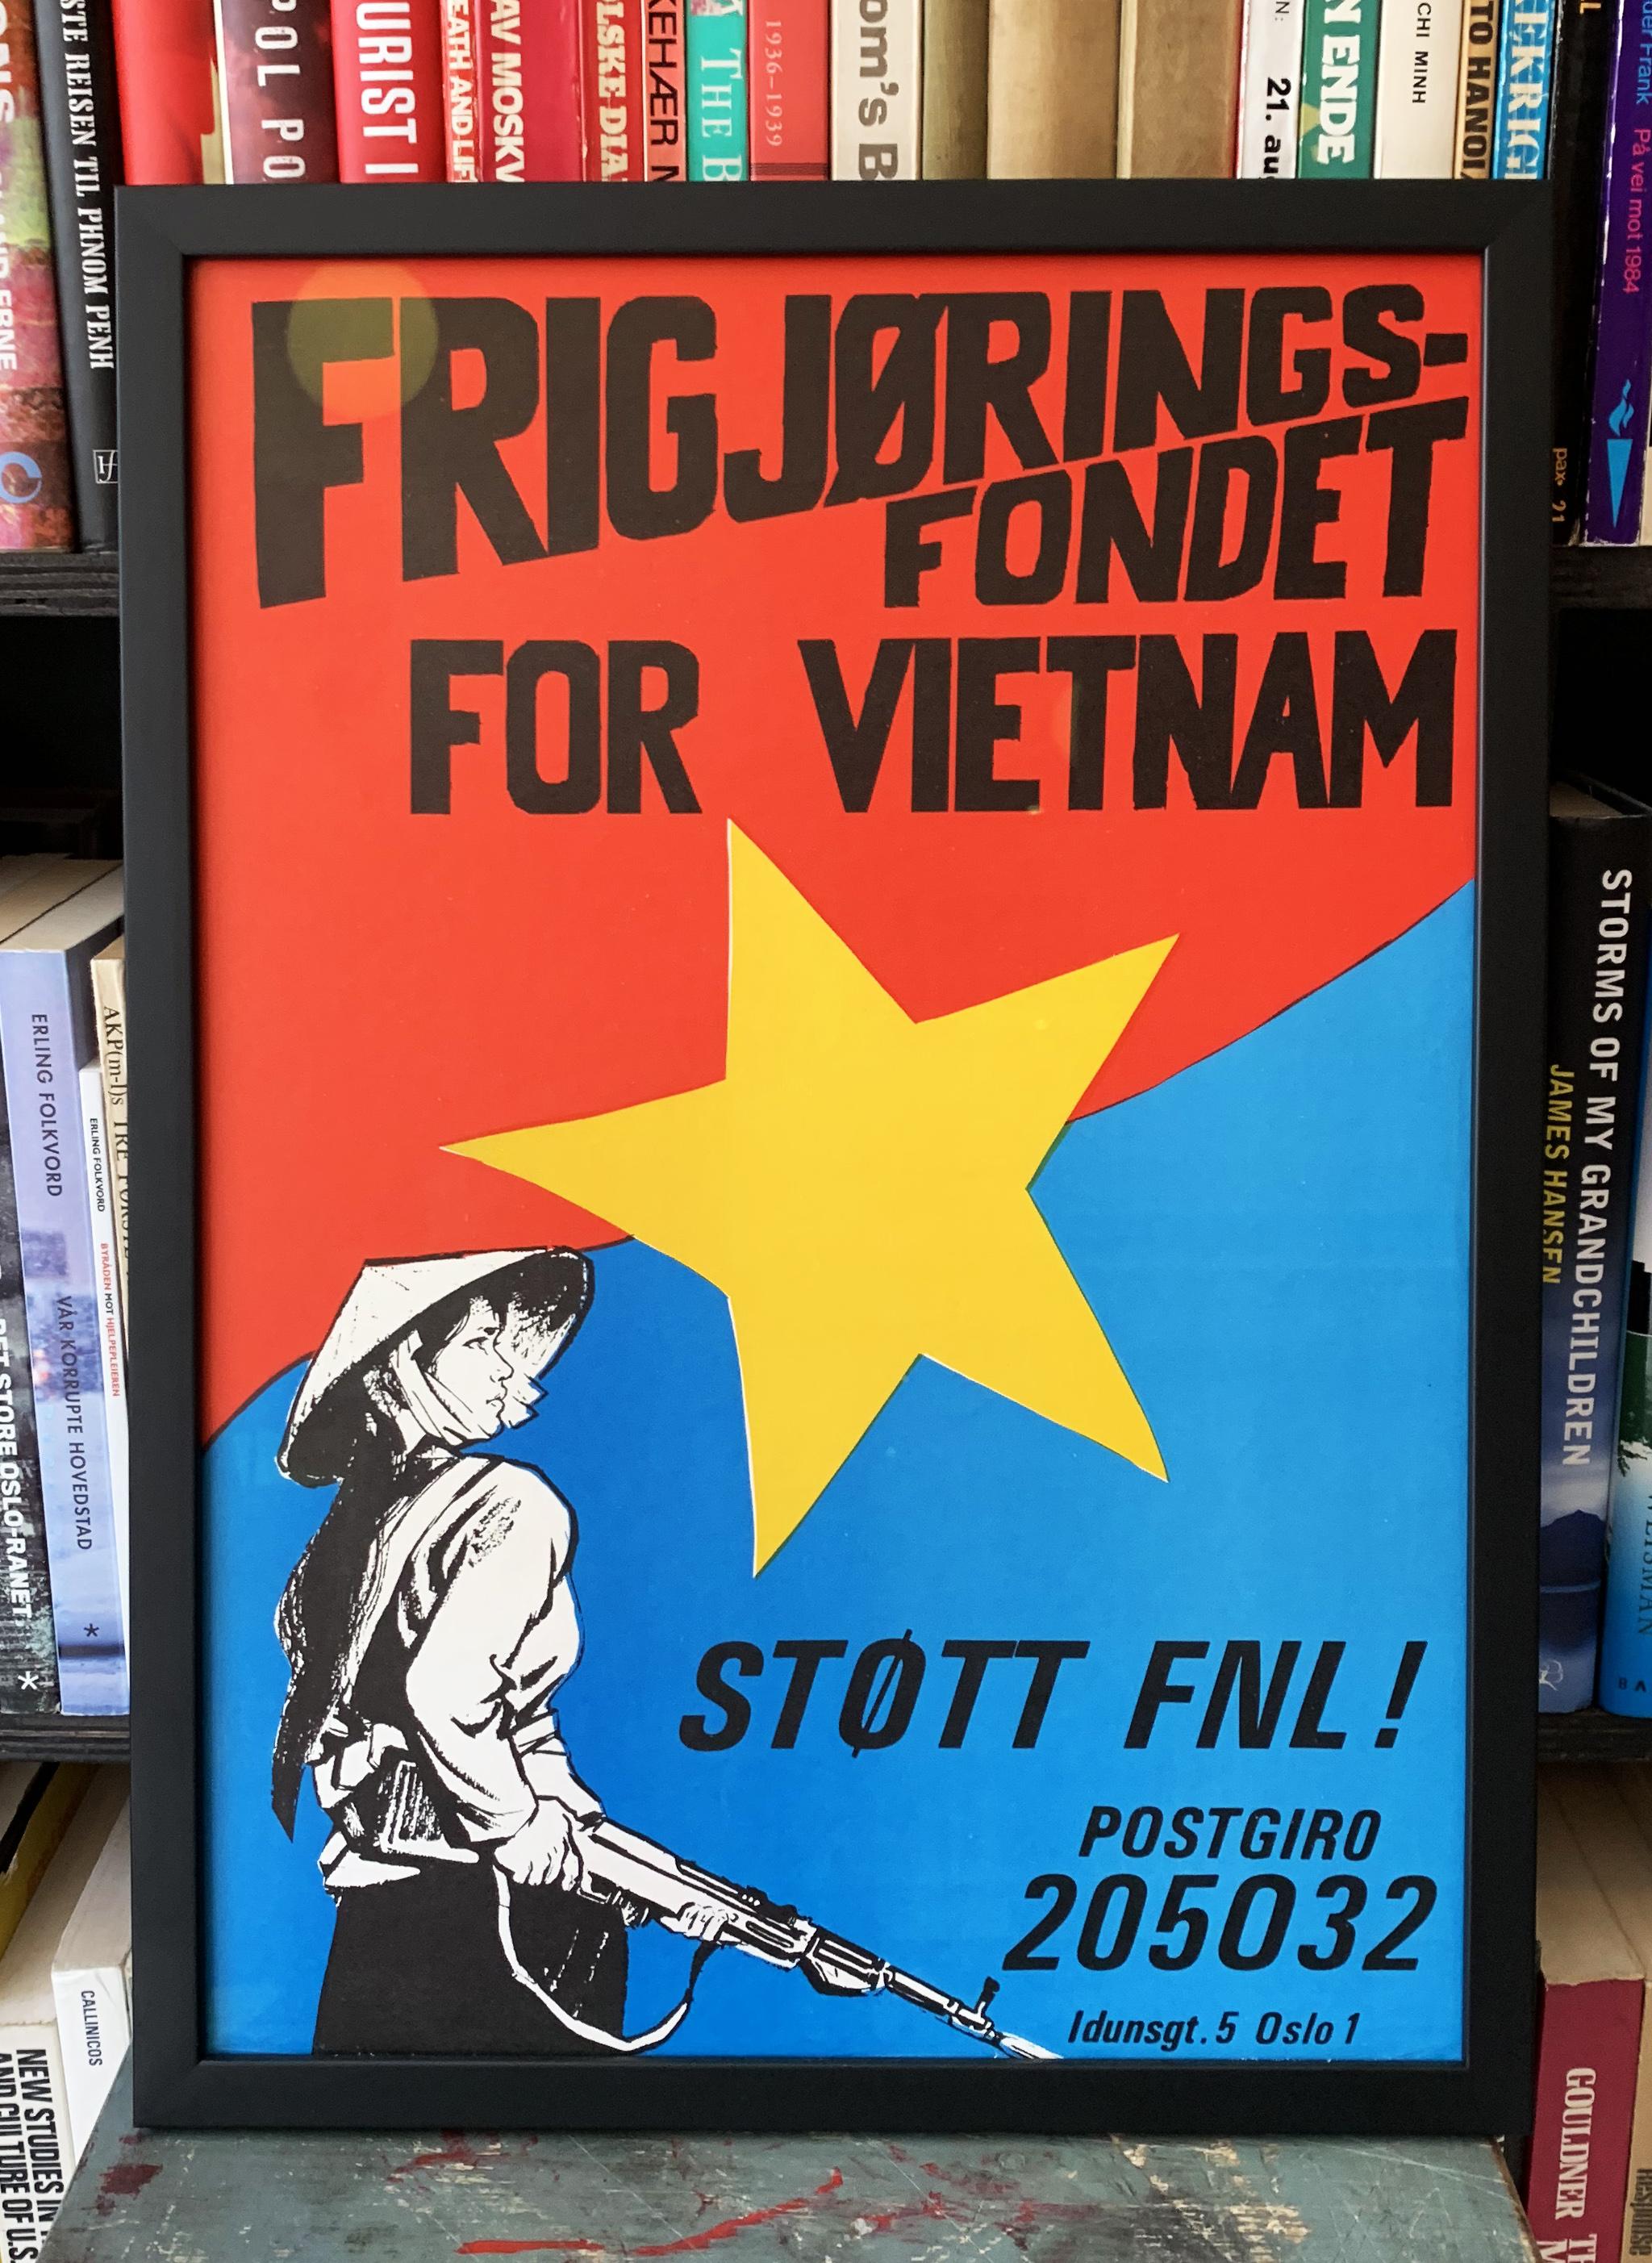 Frigjøringsfondet for Vietnam - Støtt FNL! (ca. 1969)